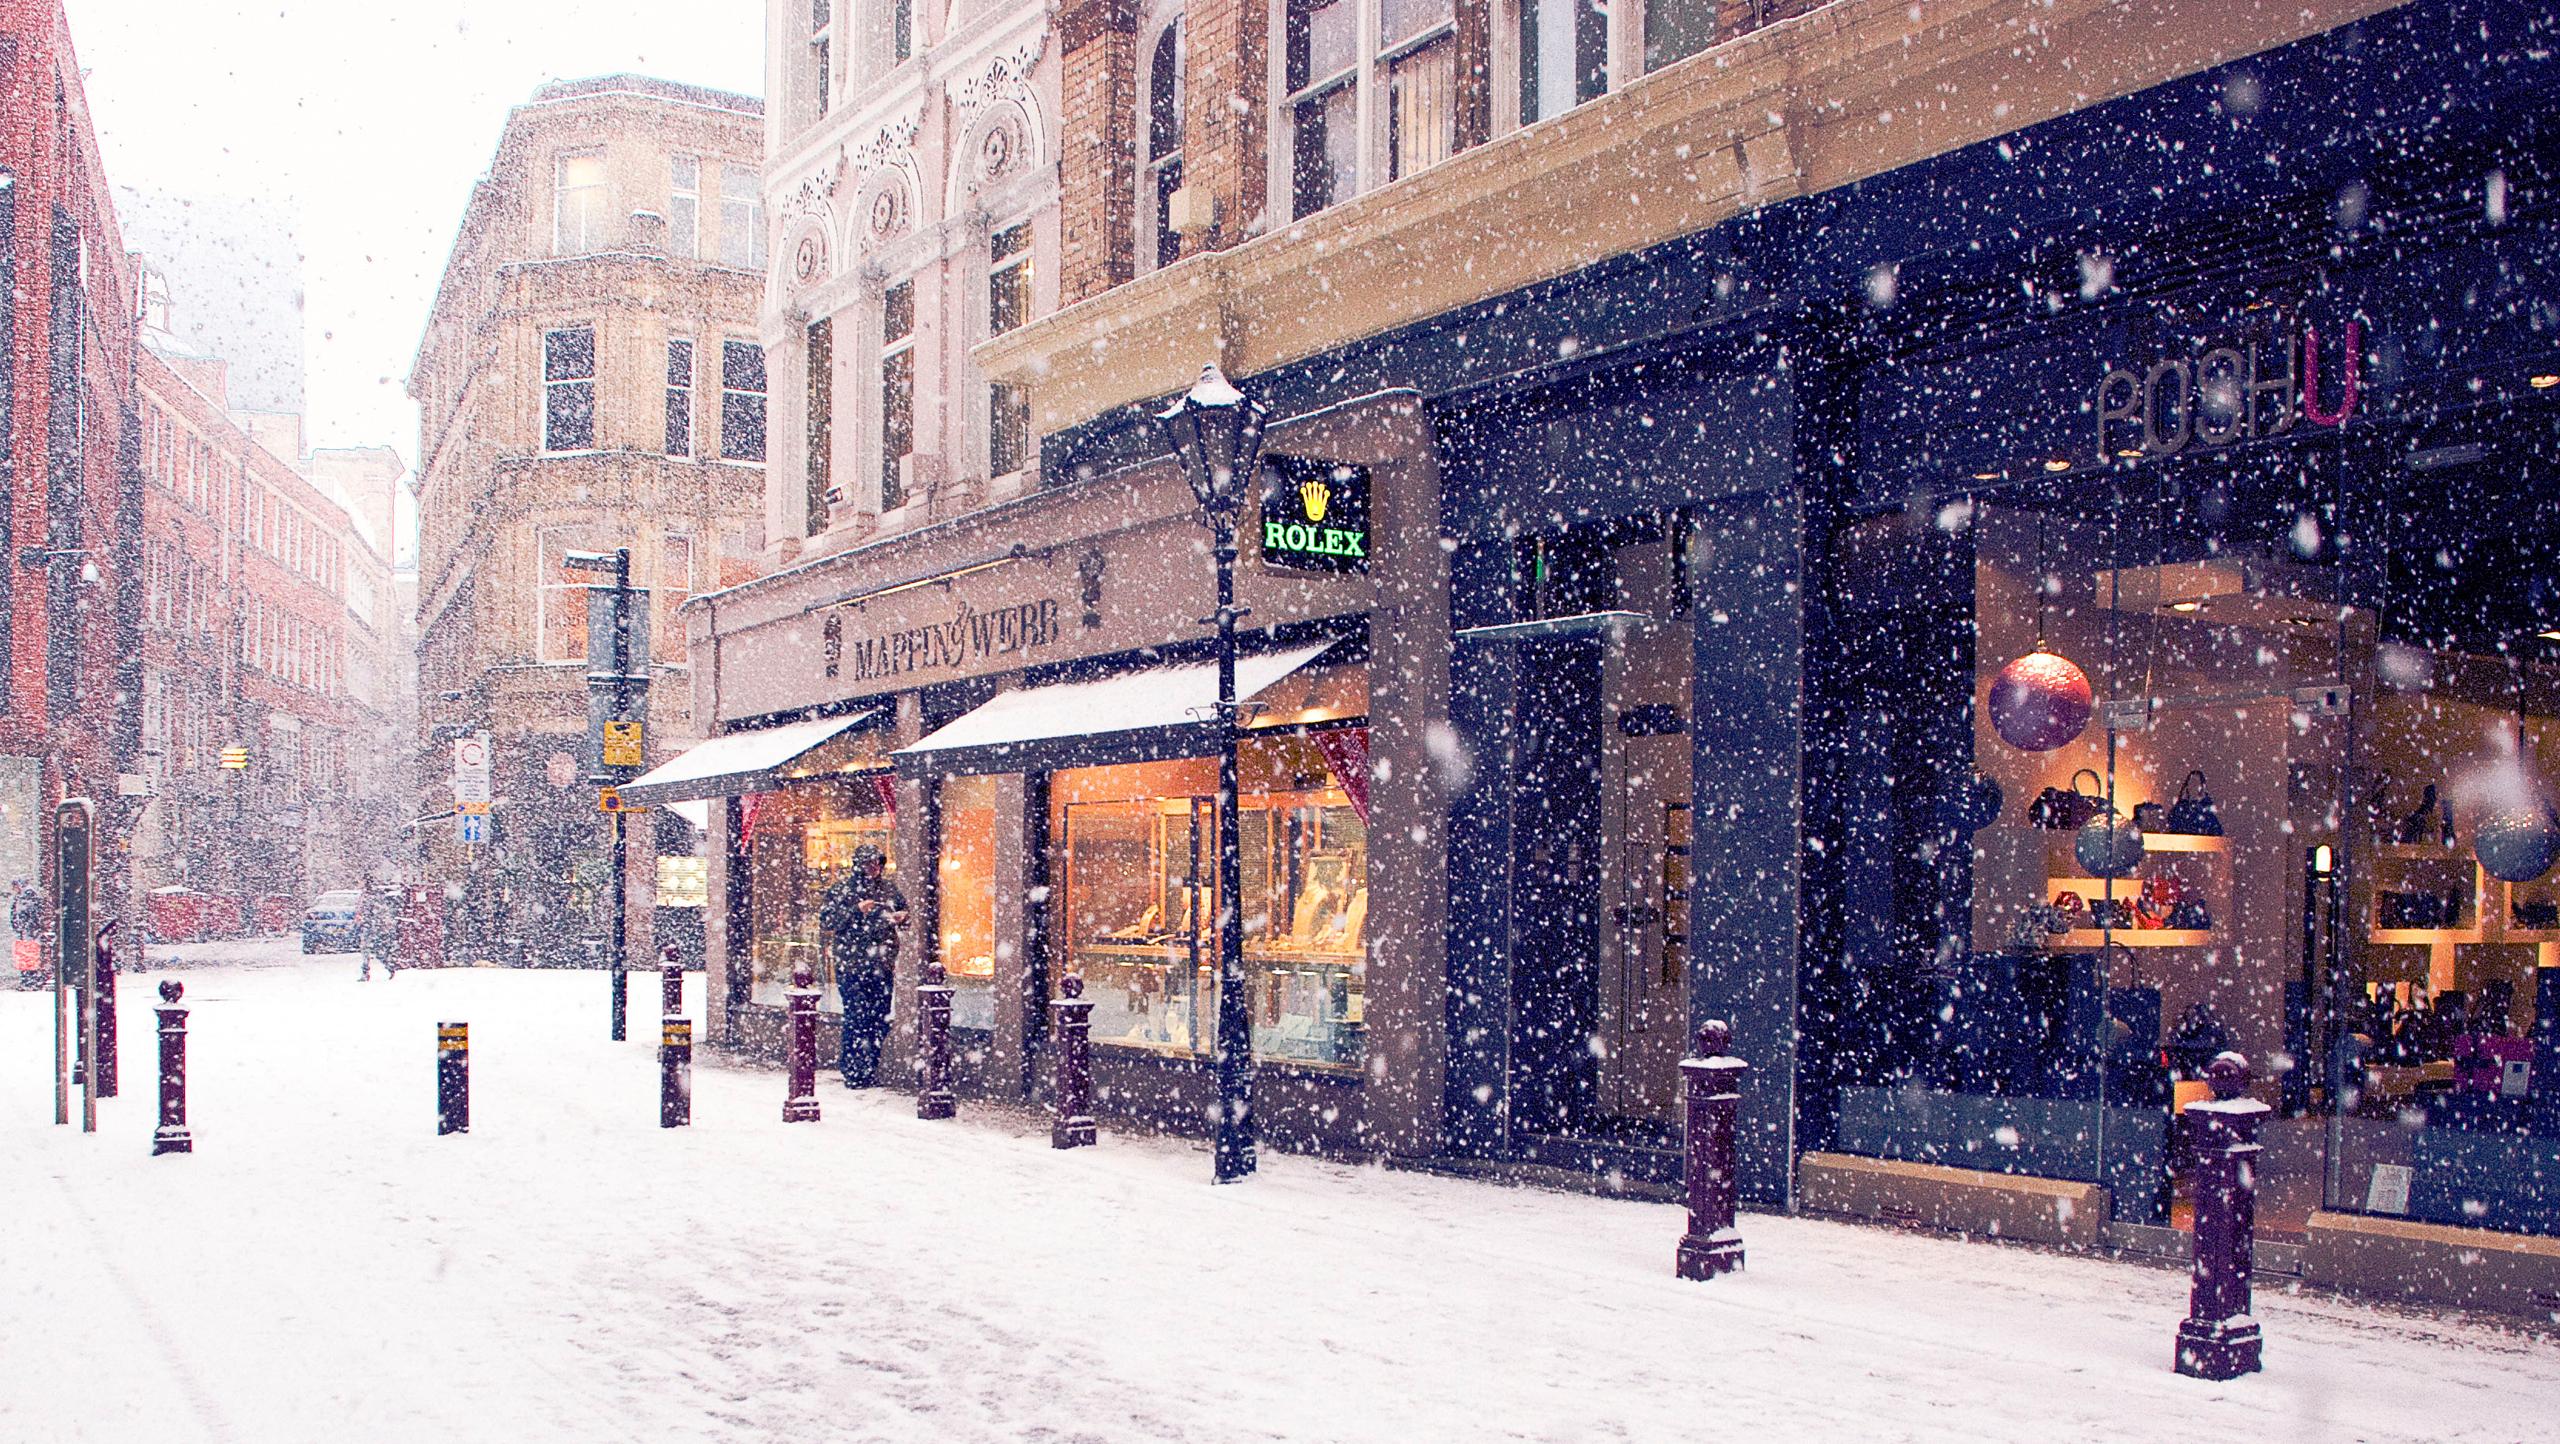 NYC Winter Scenes Wallpaper